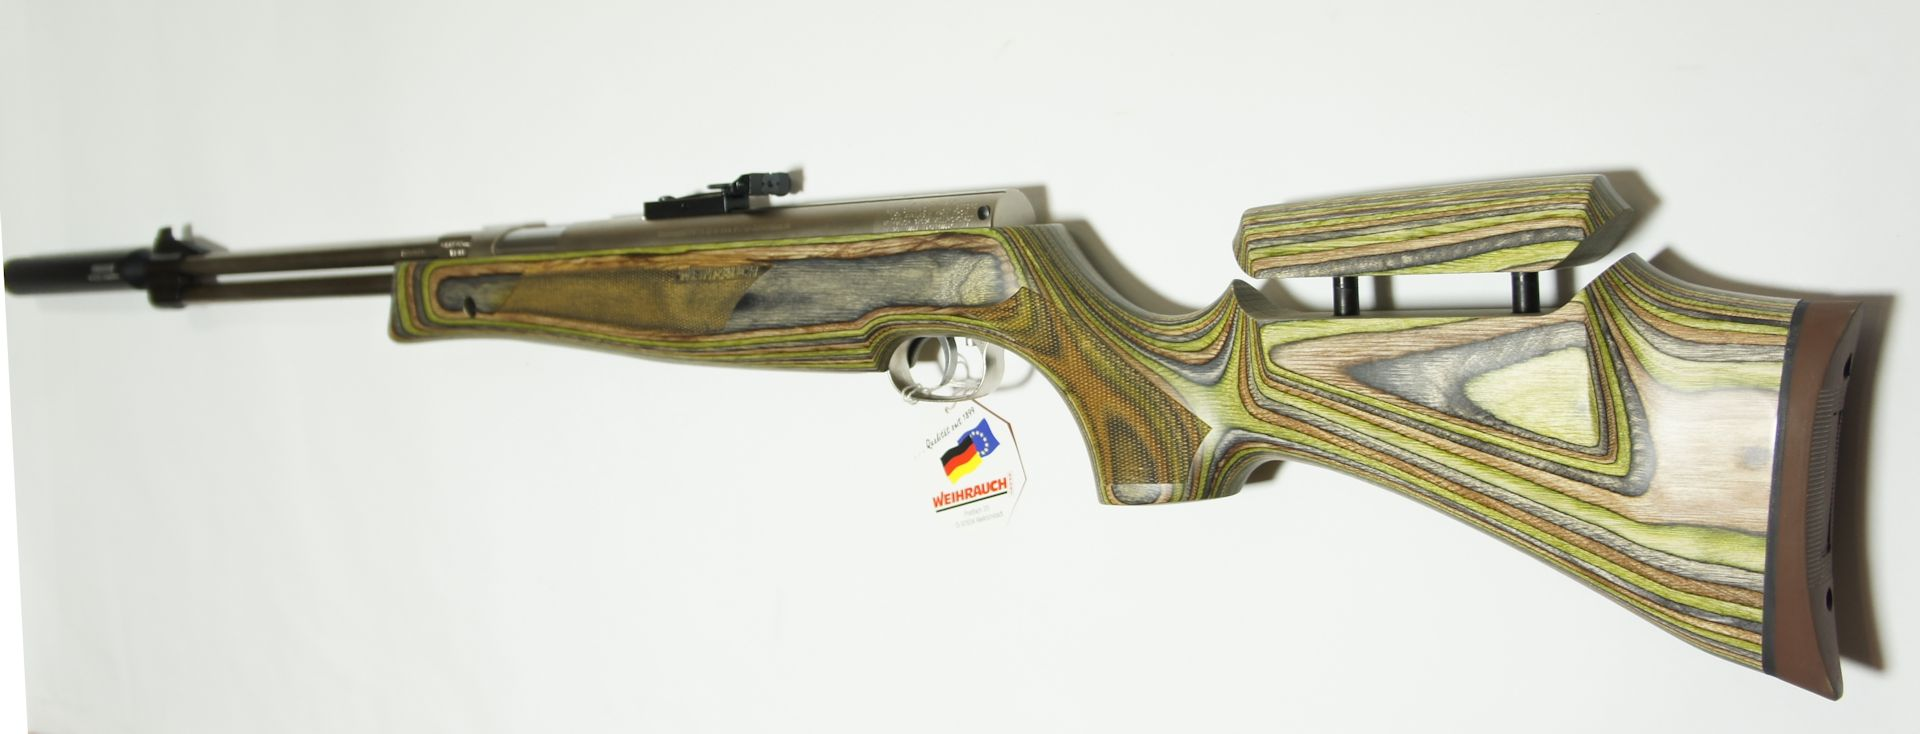 Luftgewehr HW 77 mit verstellbarer Schaftbacke